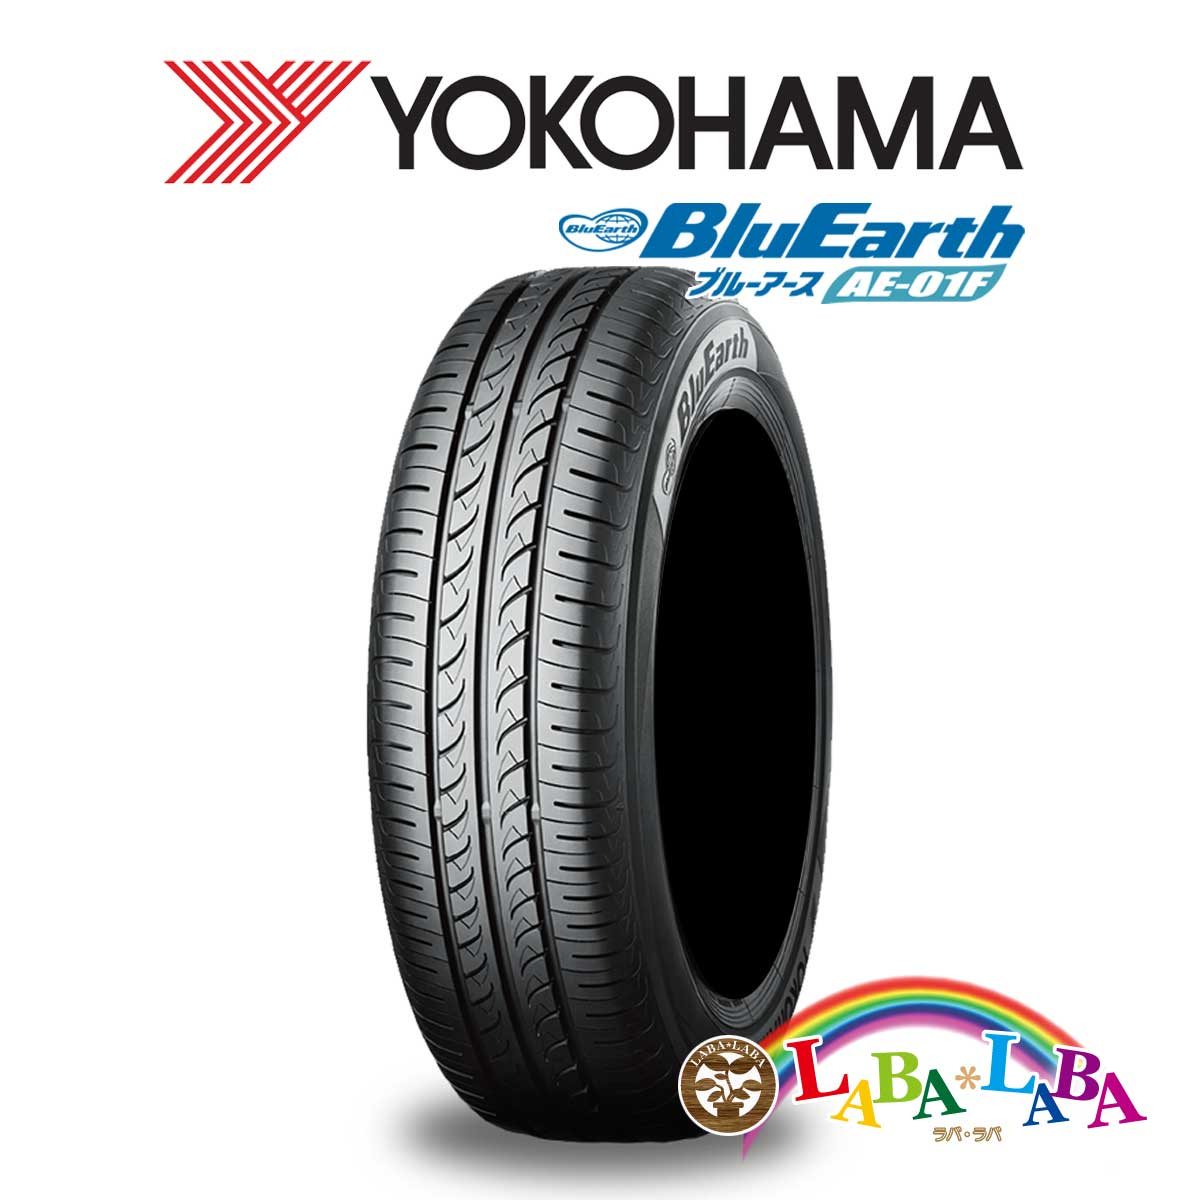 YOKOHAMA ヨコハマ BluEarth ブルーアース AE01F 195/60R16 89H サマータイヤ 2本セット